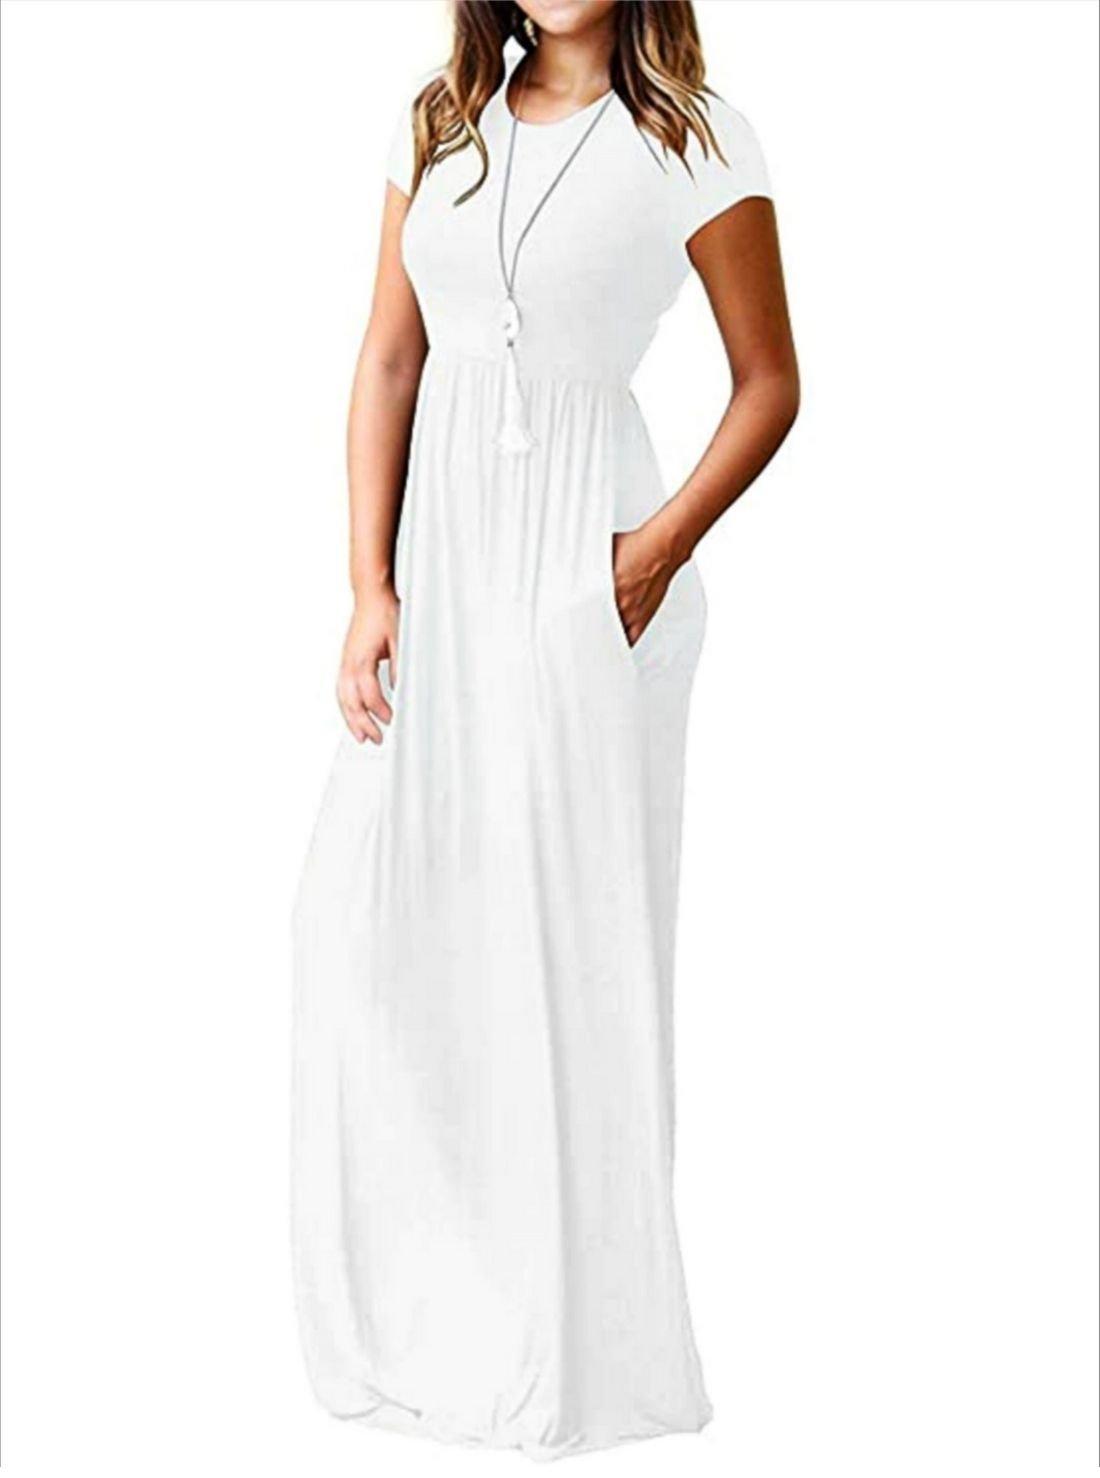 Wholesale Plain Casual Dresses